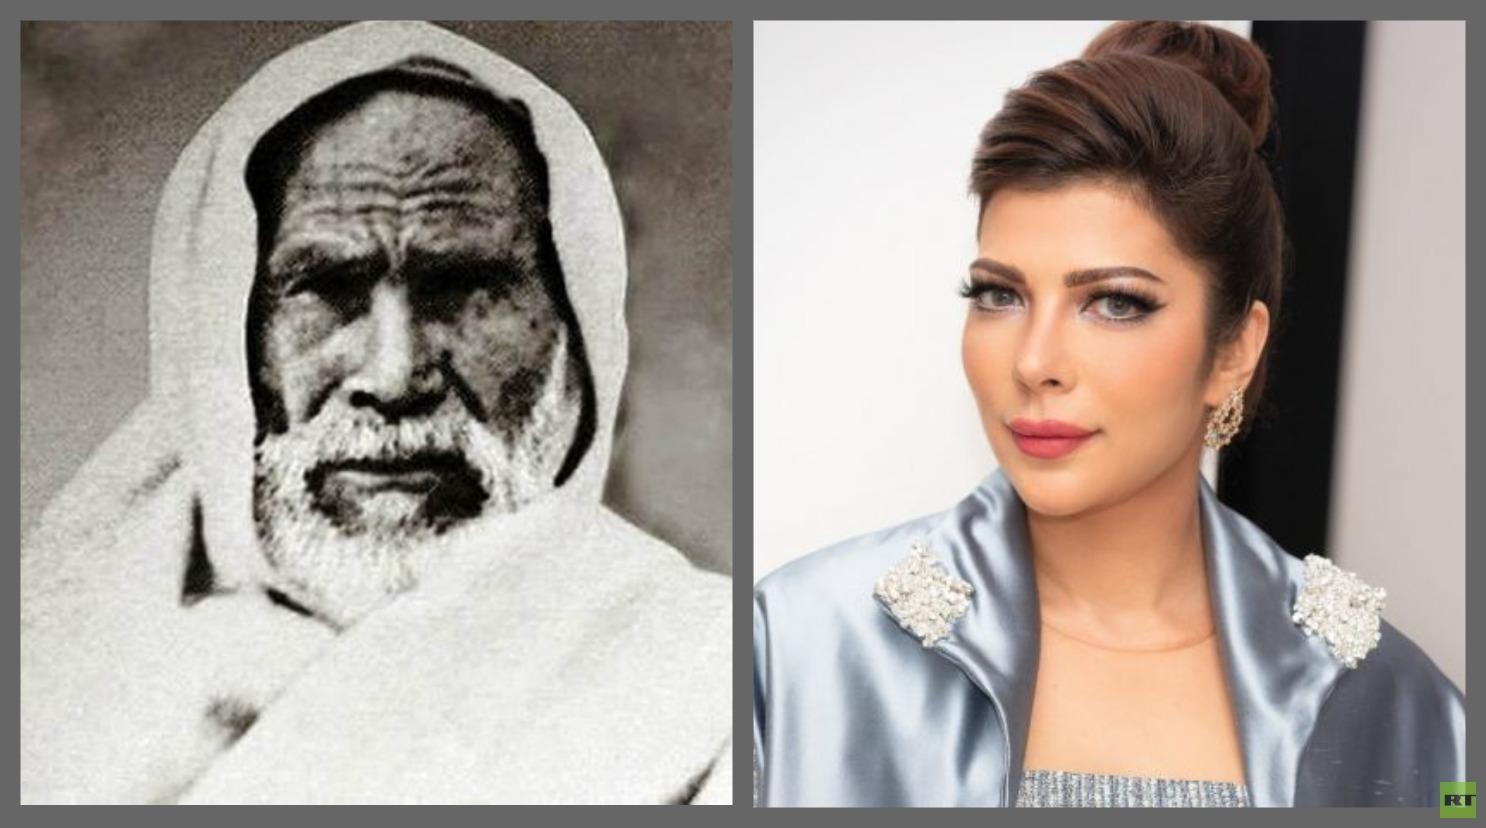 هيئة الثقافة بحكومة الوفاق الليبية: أصالة نصري أهانت جميع الليبيين!